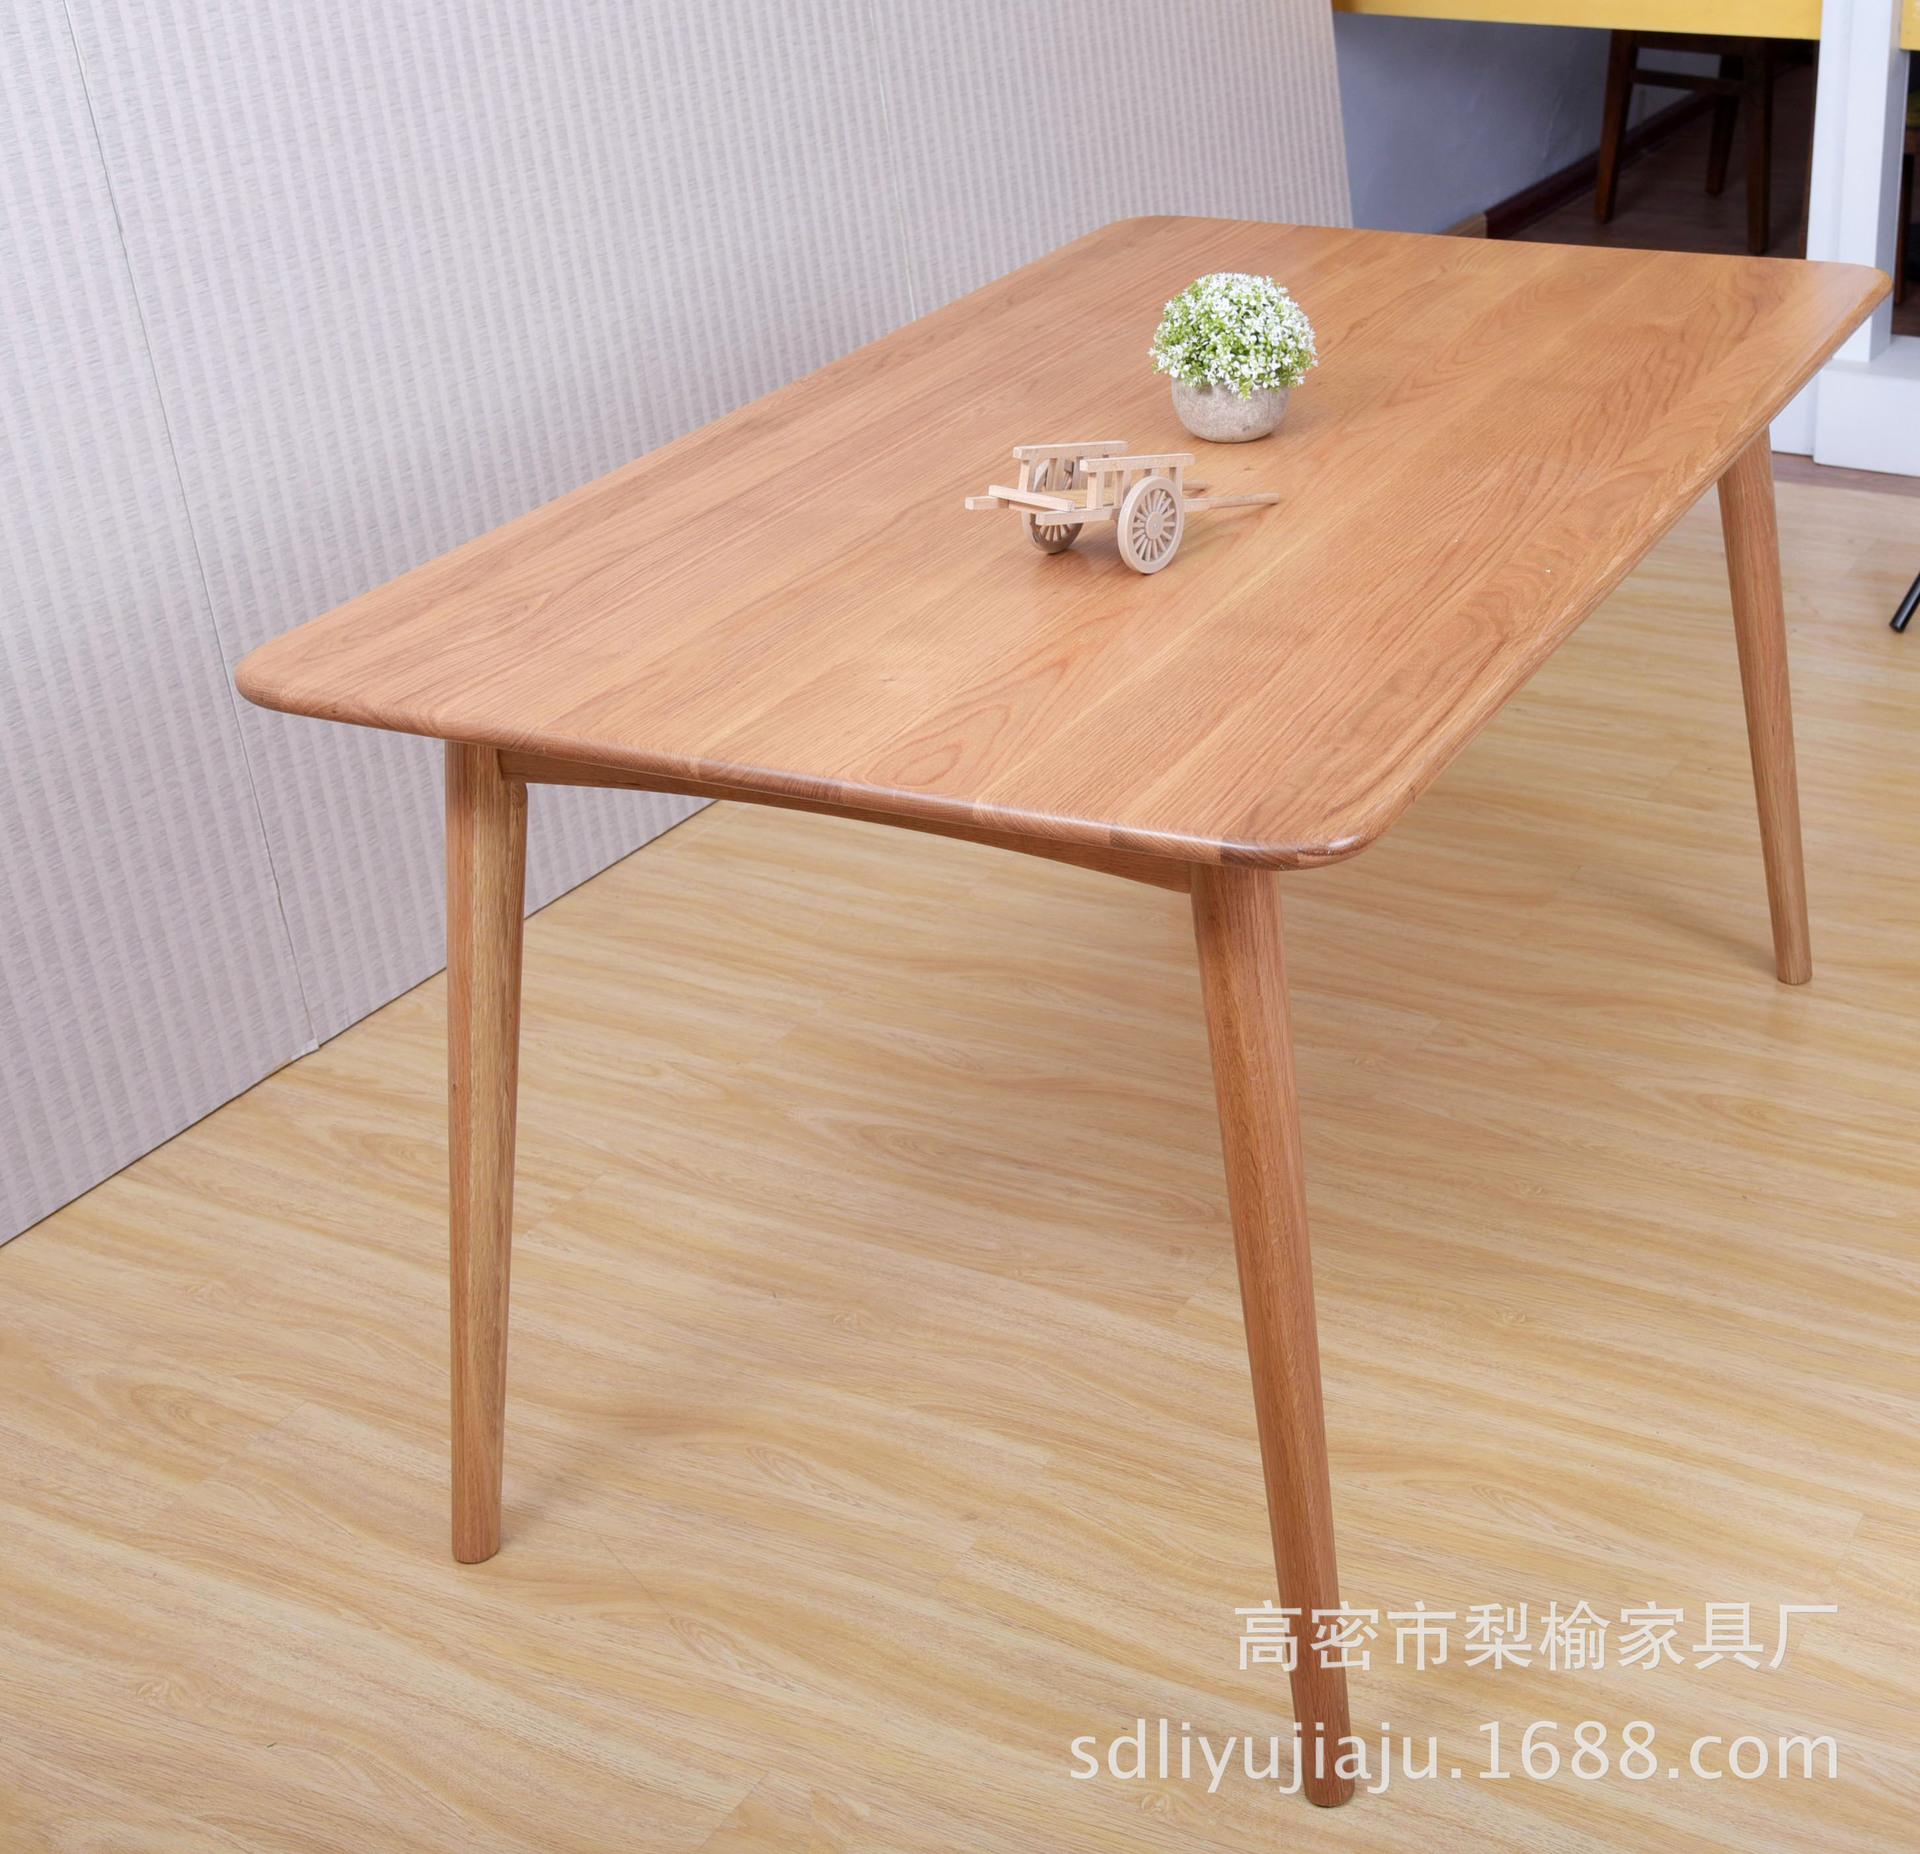 餐桌橡木_实木餐桌橡木白橡角方形代北简约现代长